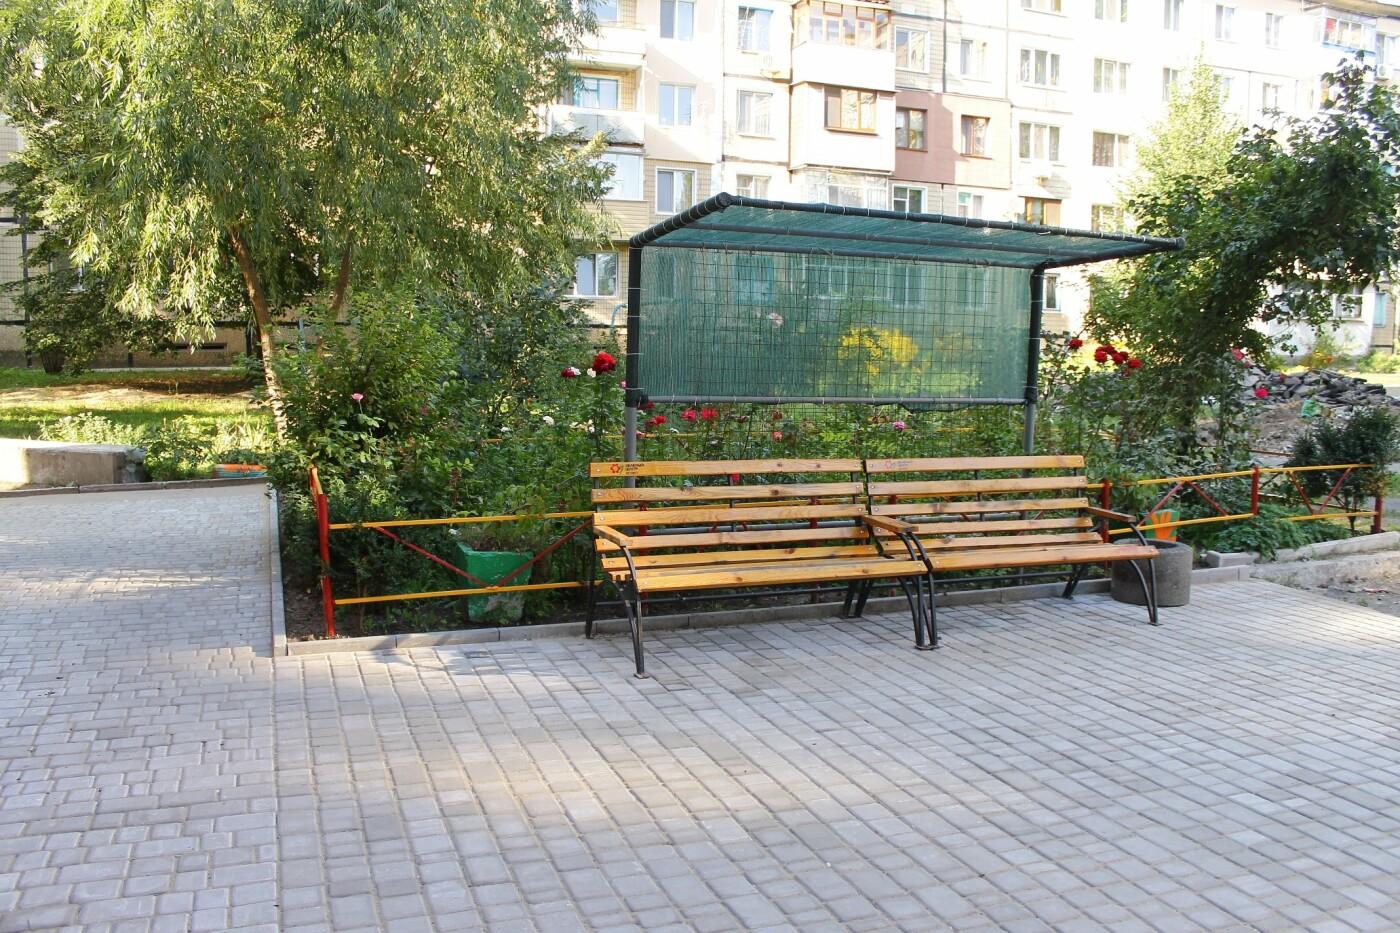 Криворожан приглашают принять участие в конкурсе благоустройства «Сто дворов», фото-3